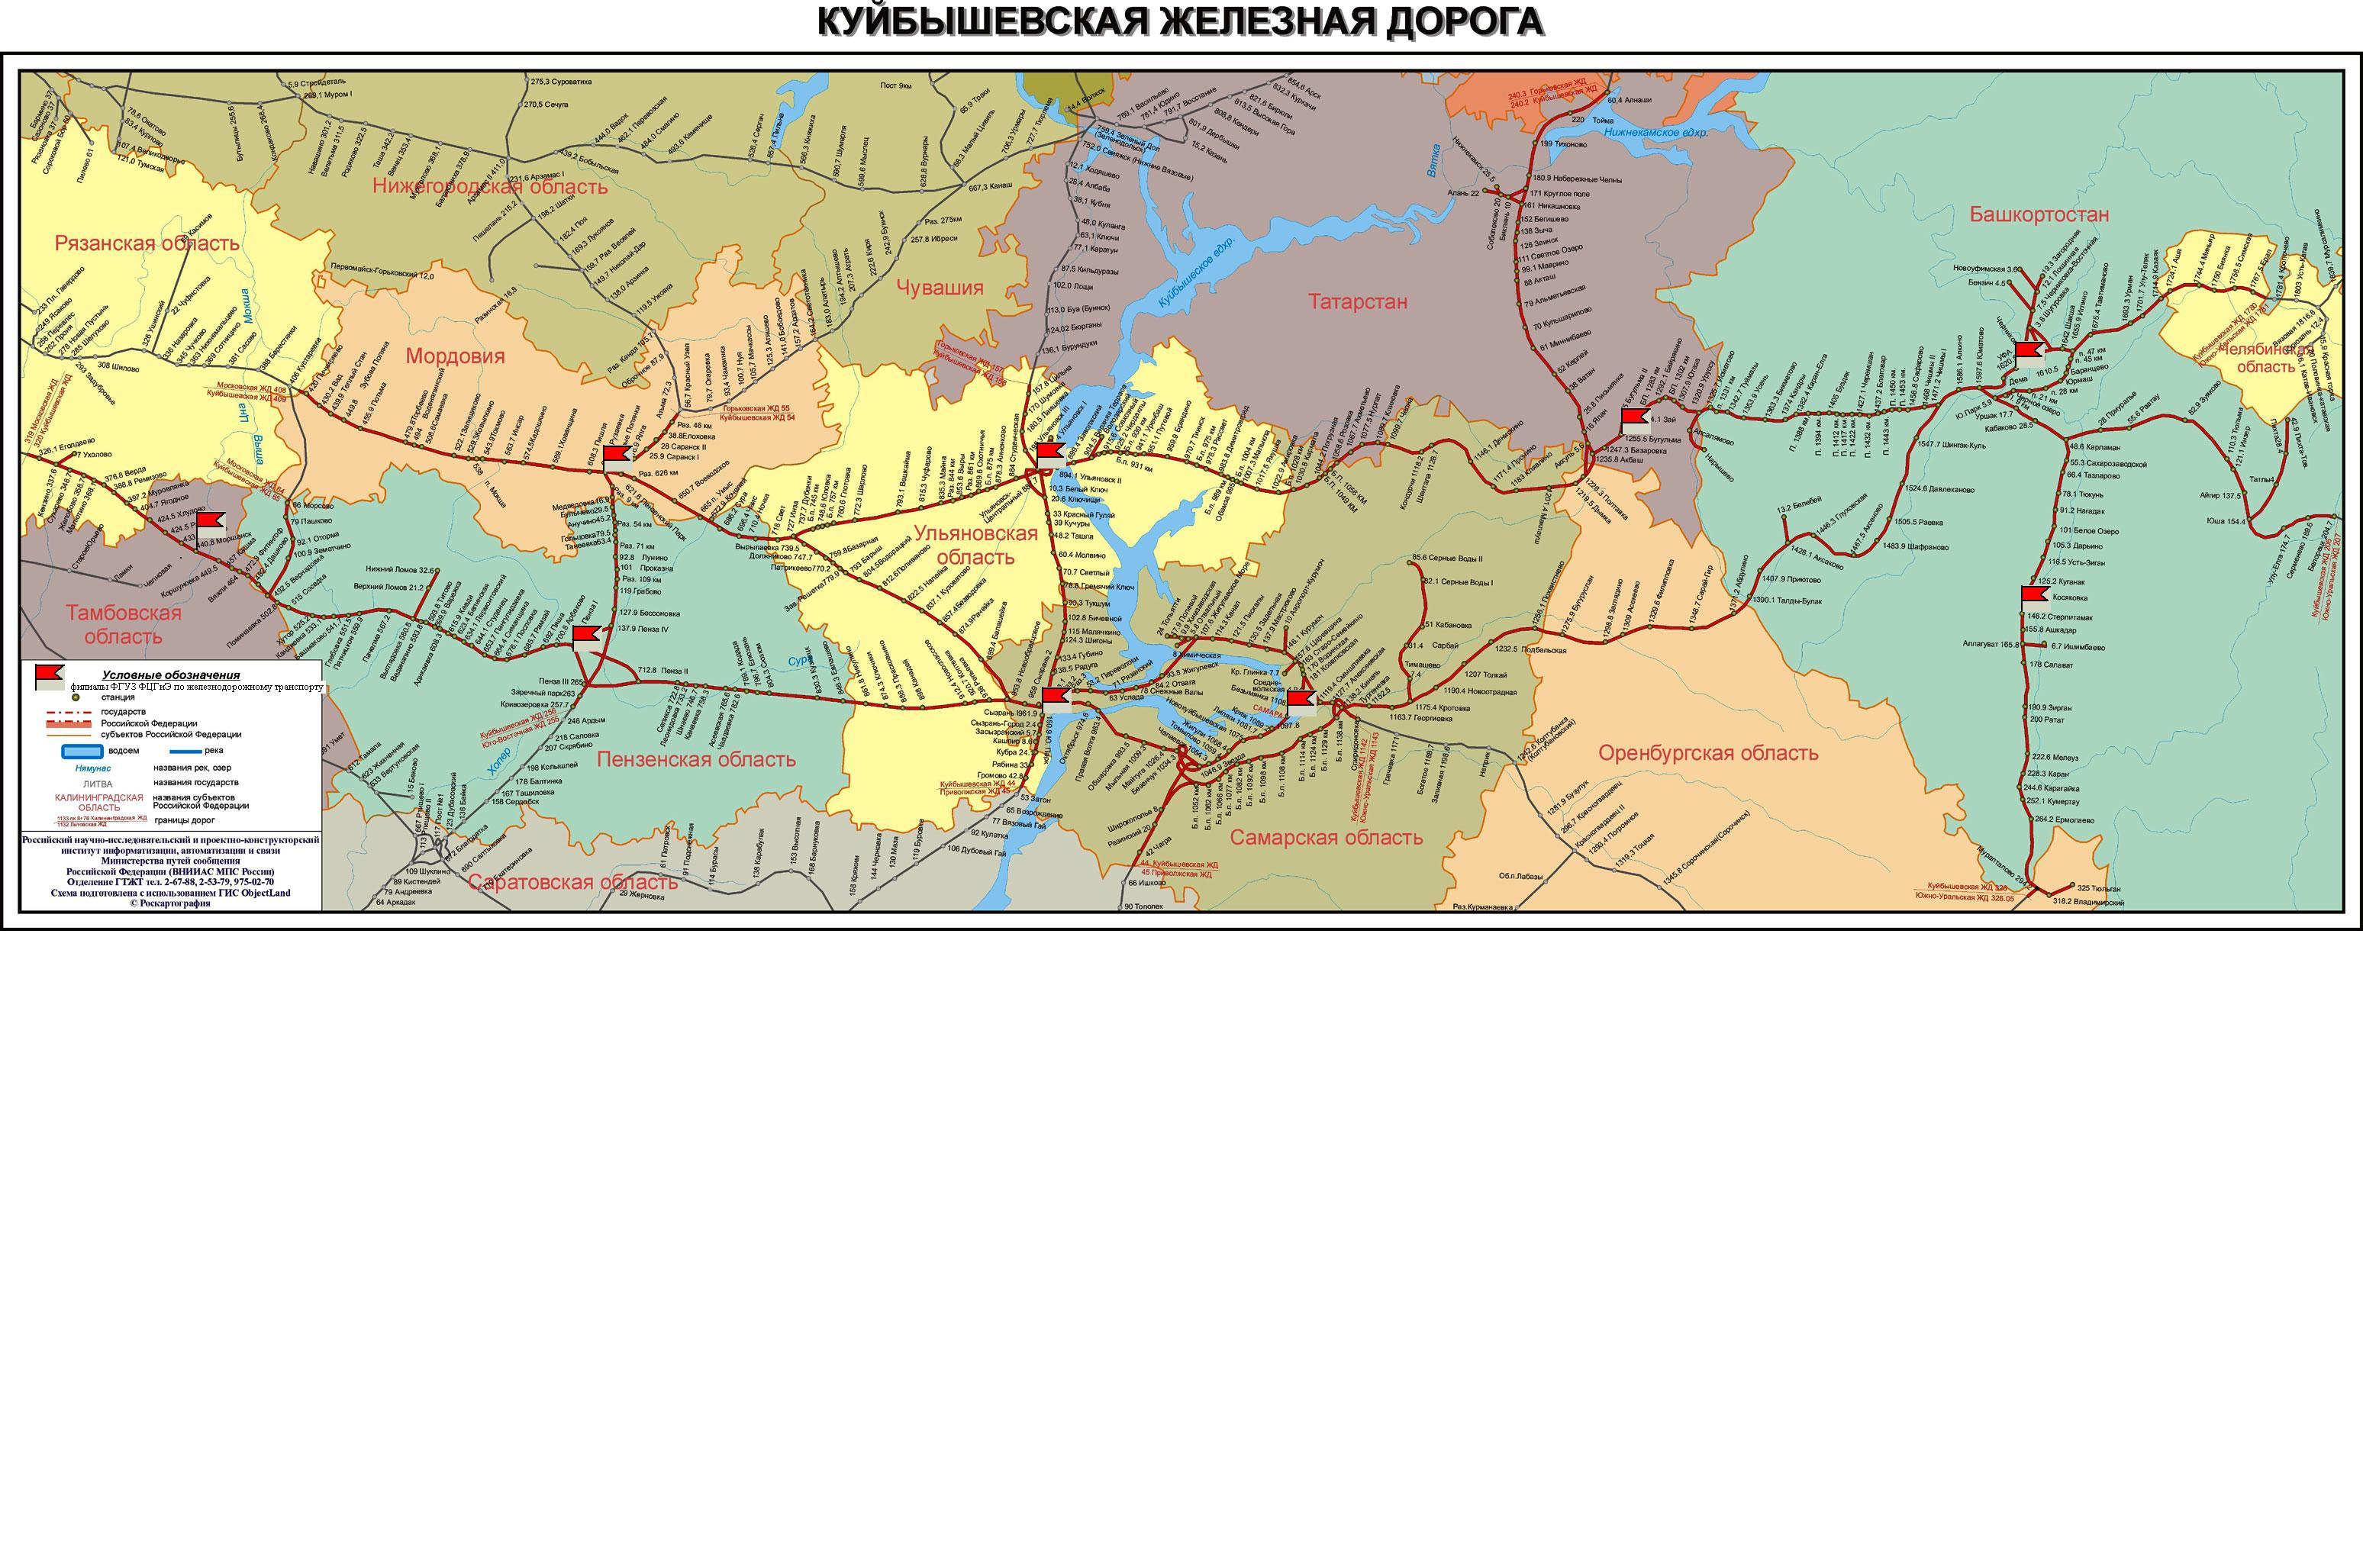 Схема куйбышевской железной дороги